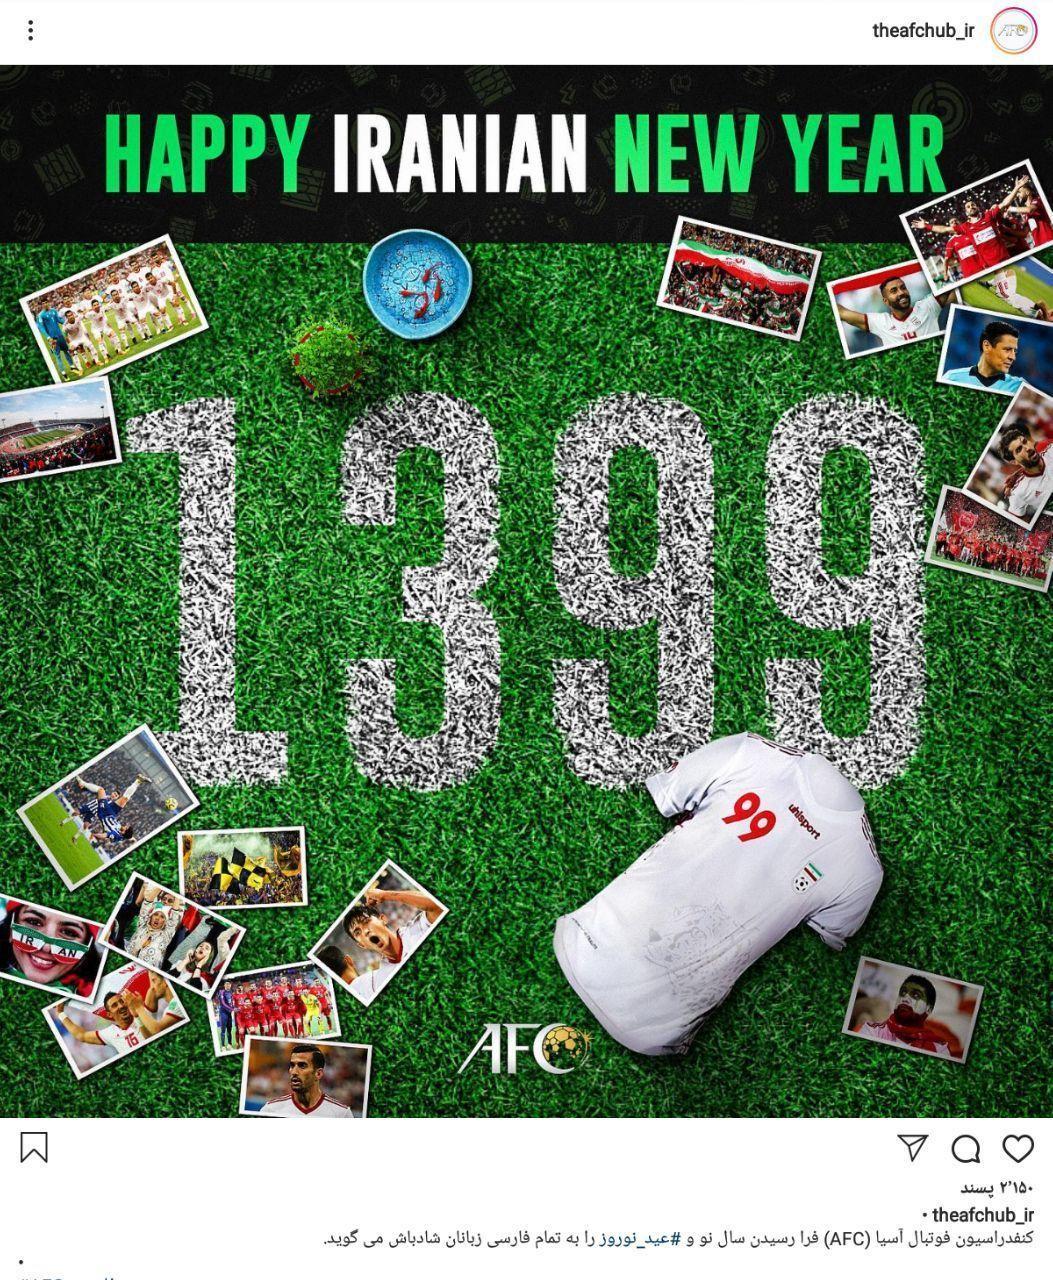 پیام تبریک کنفدراسیون فوتبال آسیا به مناسبت عید نوروز